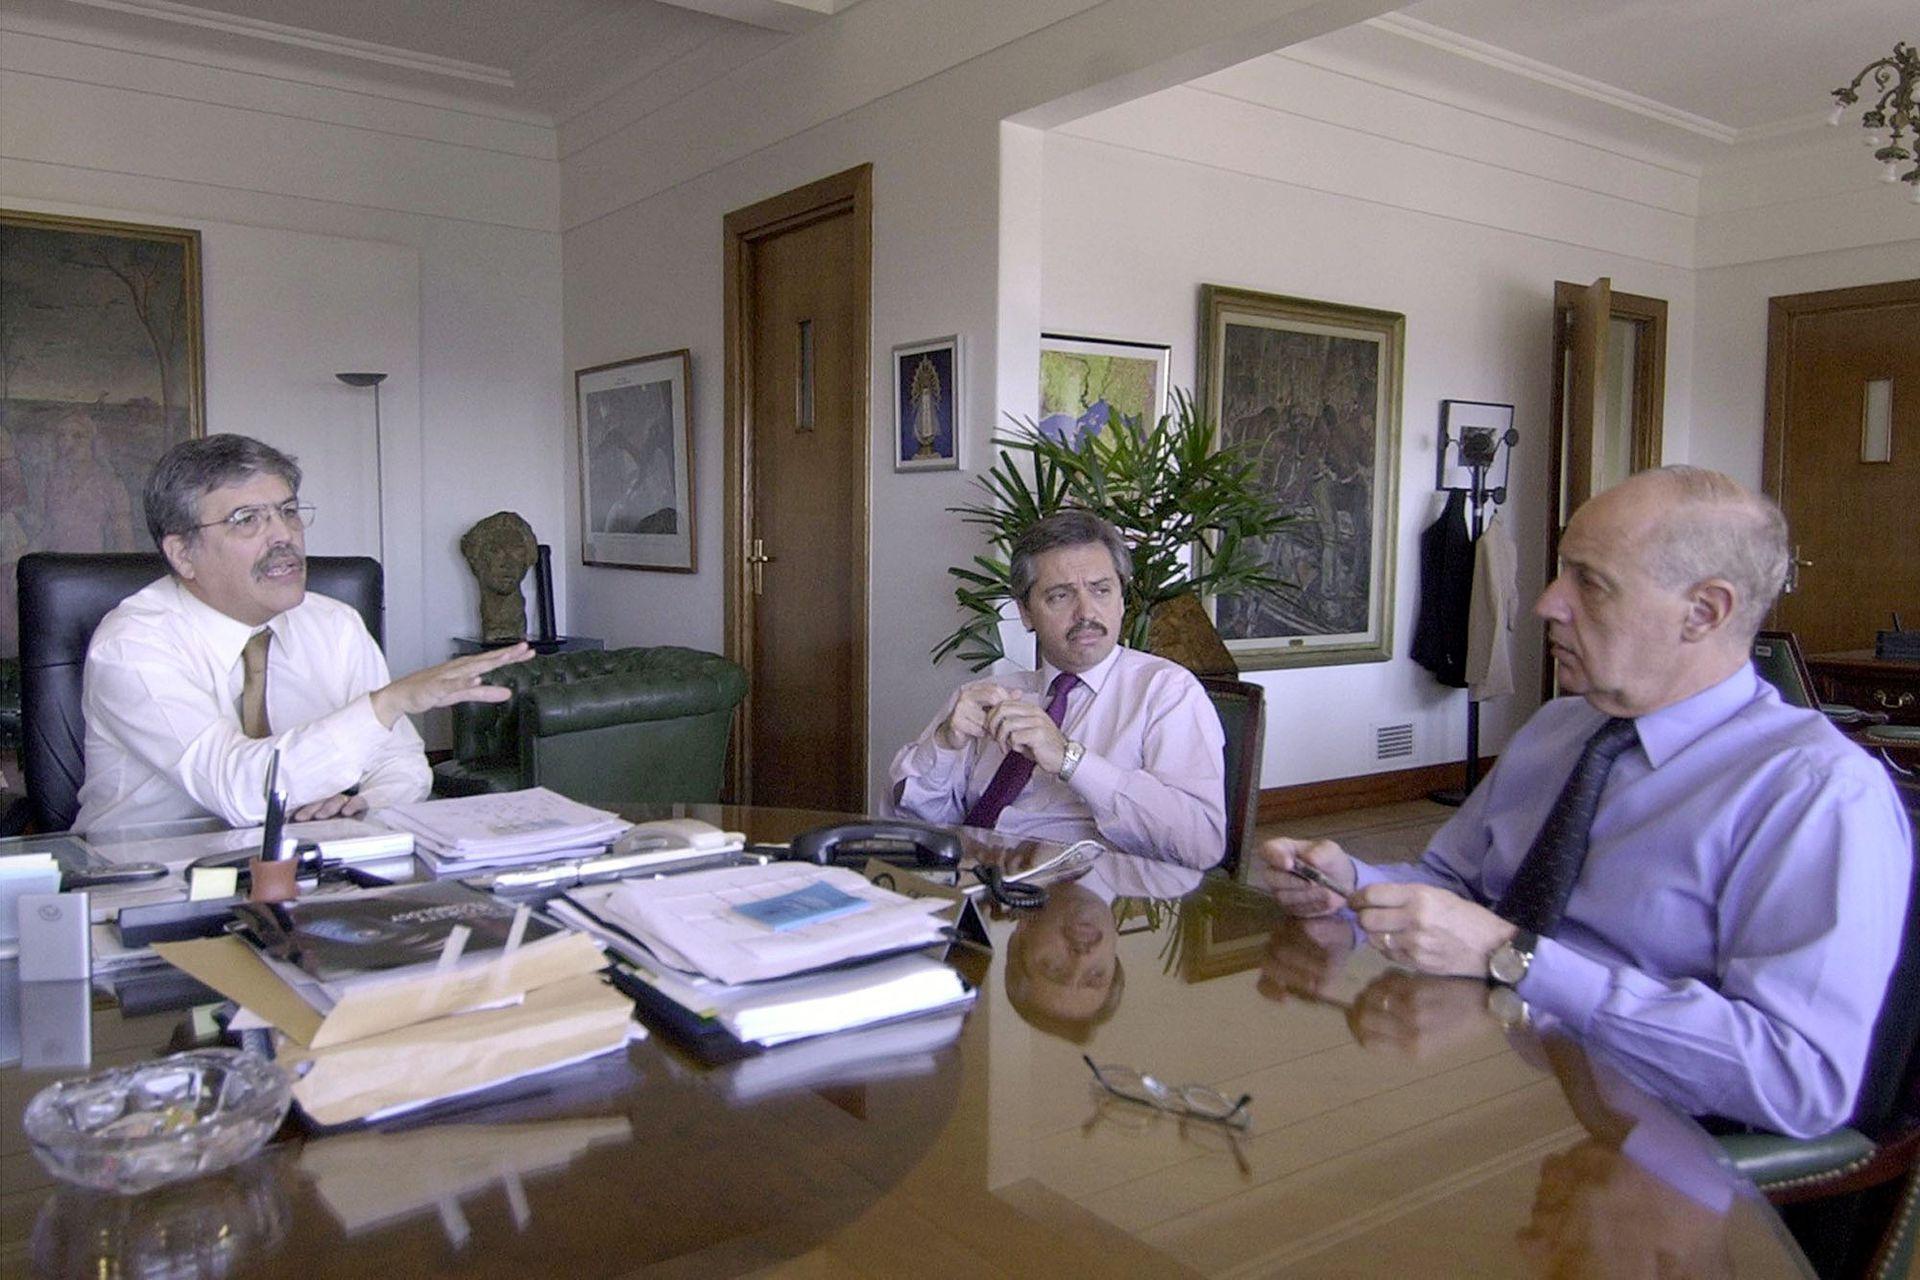 En reunión con Julio De Vido, ministro de Planificación Federal, y Roberto Lavagna, ministro de Economía. Palacio de Hacienda, 5 de mayo de 2004